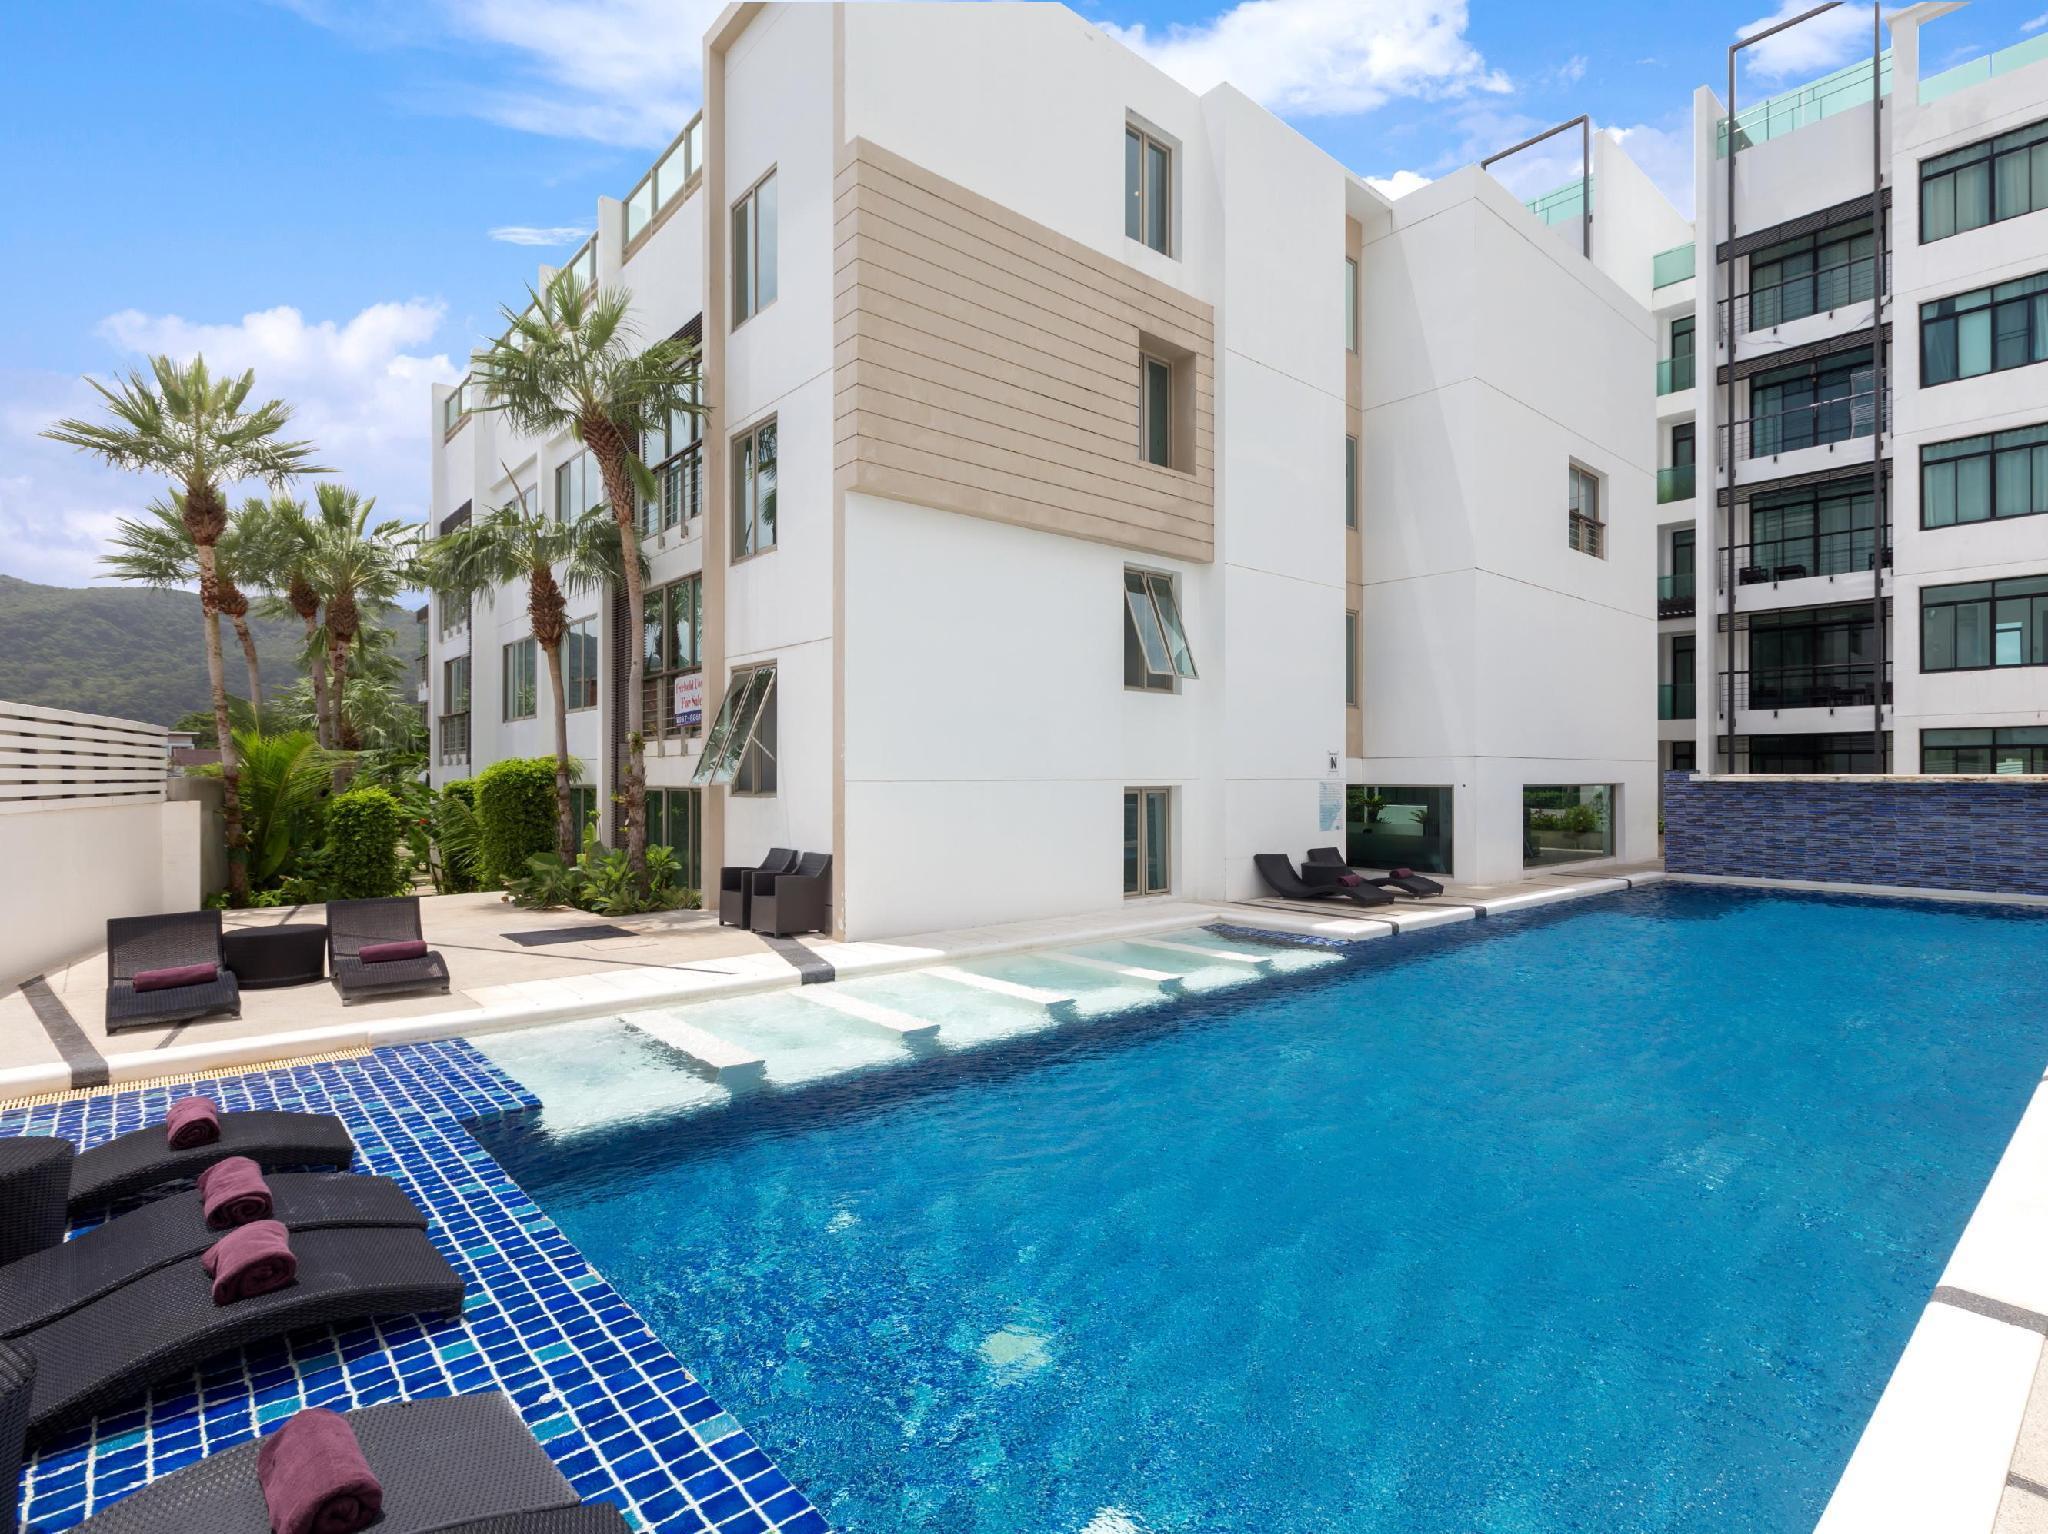 The Regent Phuket Serviced Apartment Kamala Beach เดอะ รีเจ้นท์ ภูเก็ต เซอร์วิส อพาร์ตเมนต์ กมลา บีช